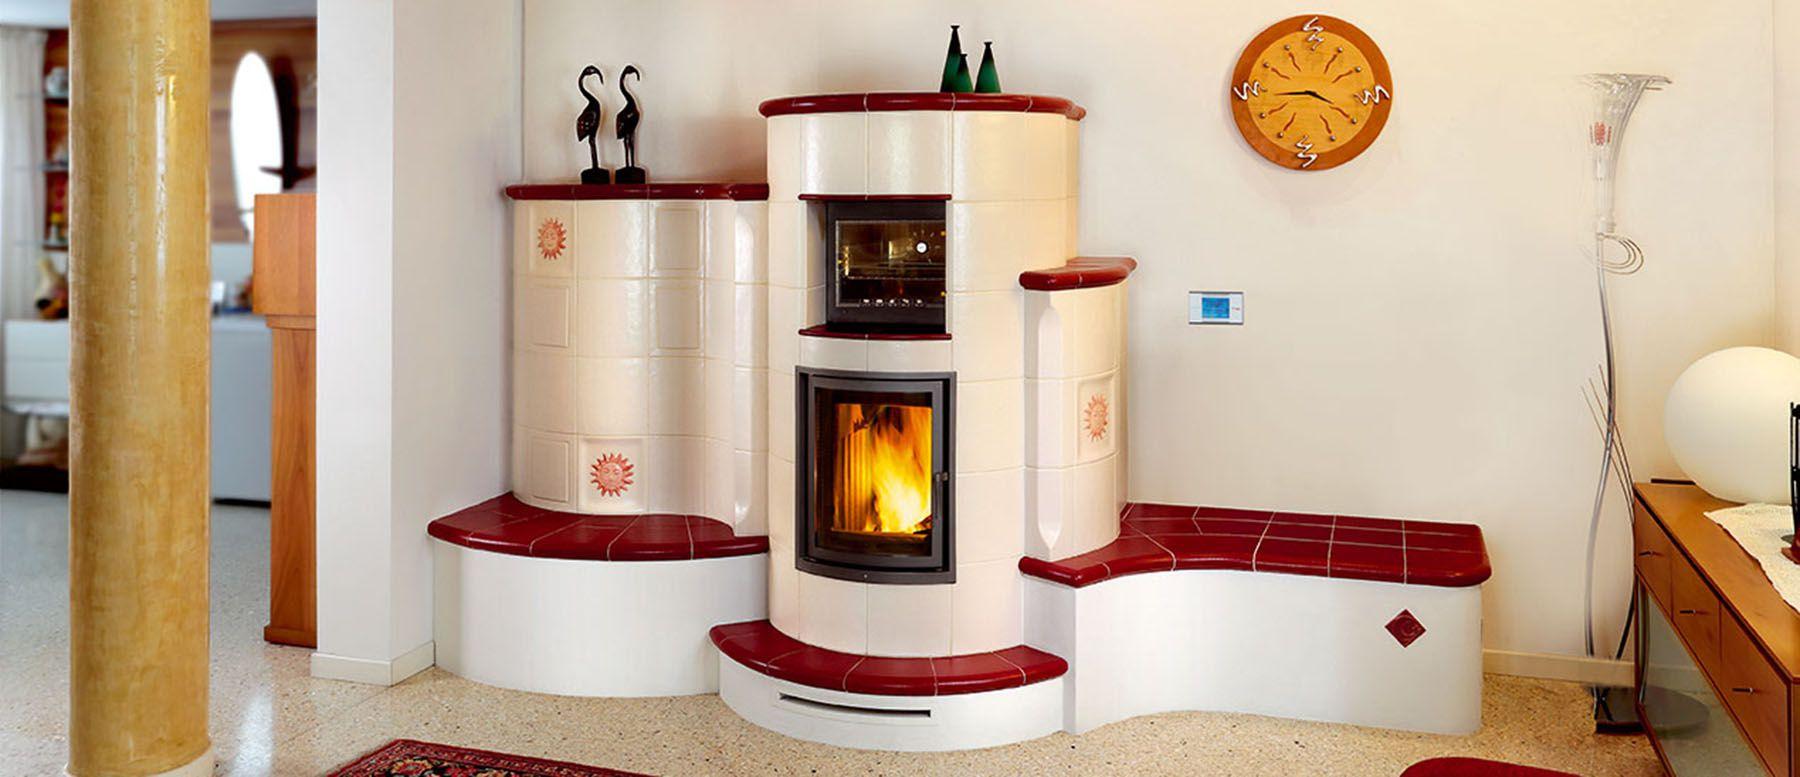 Stufe a legna con forno il sapore inconfondibile dei piatti di una volta - Cucinare con il forno a legna ...